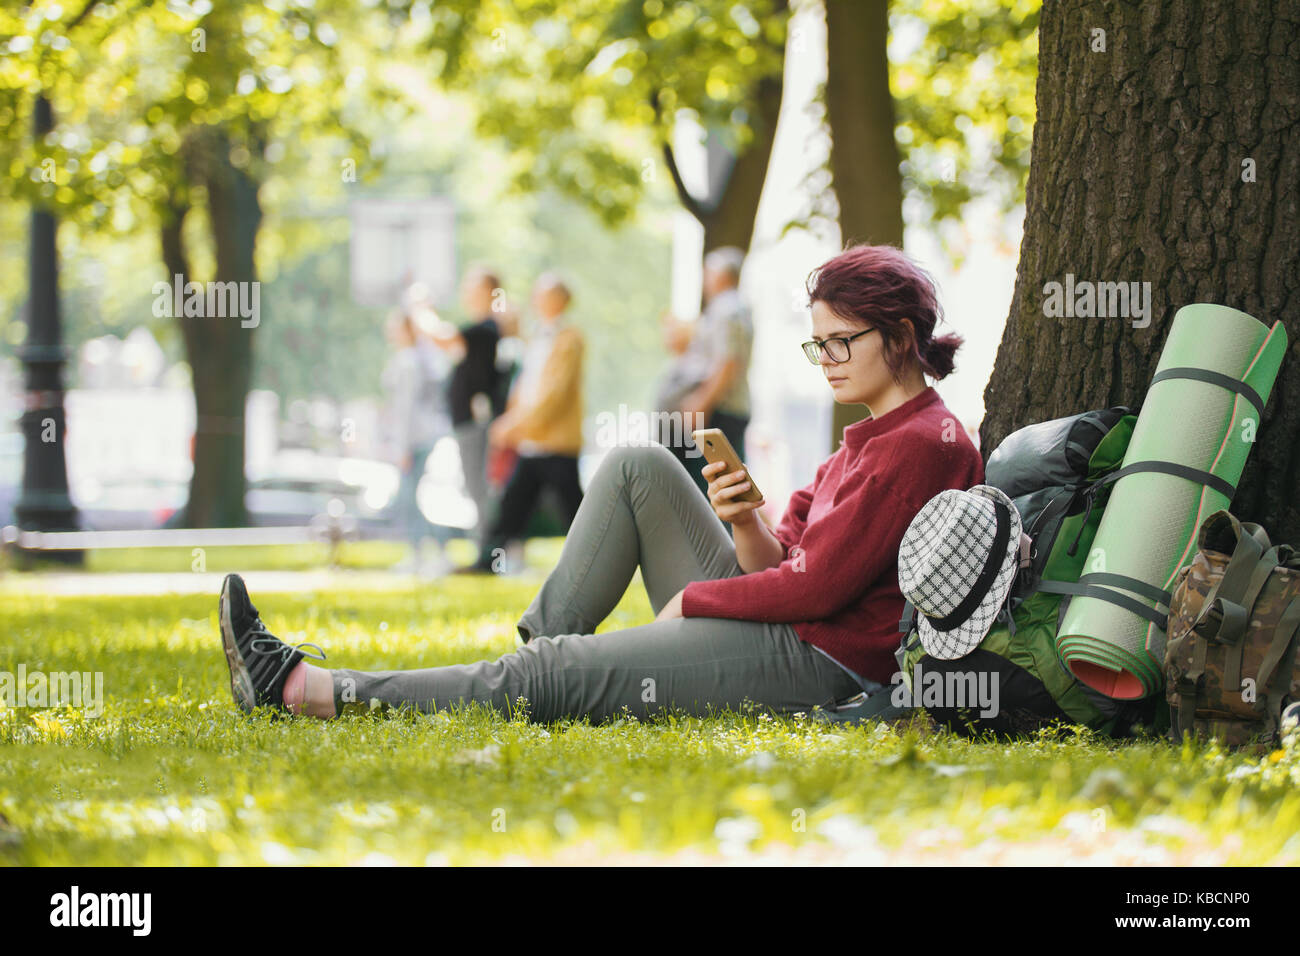 Ragazza adolescente turistico con zaino guardando lo smartphone nel parco della città Immagini Stock